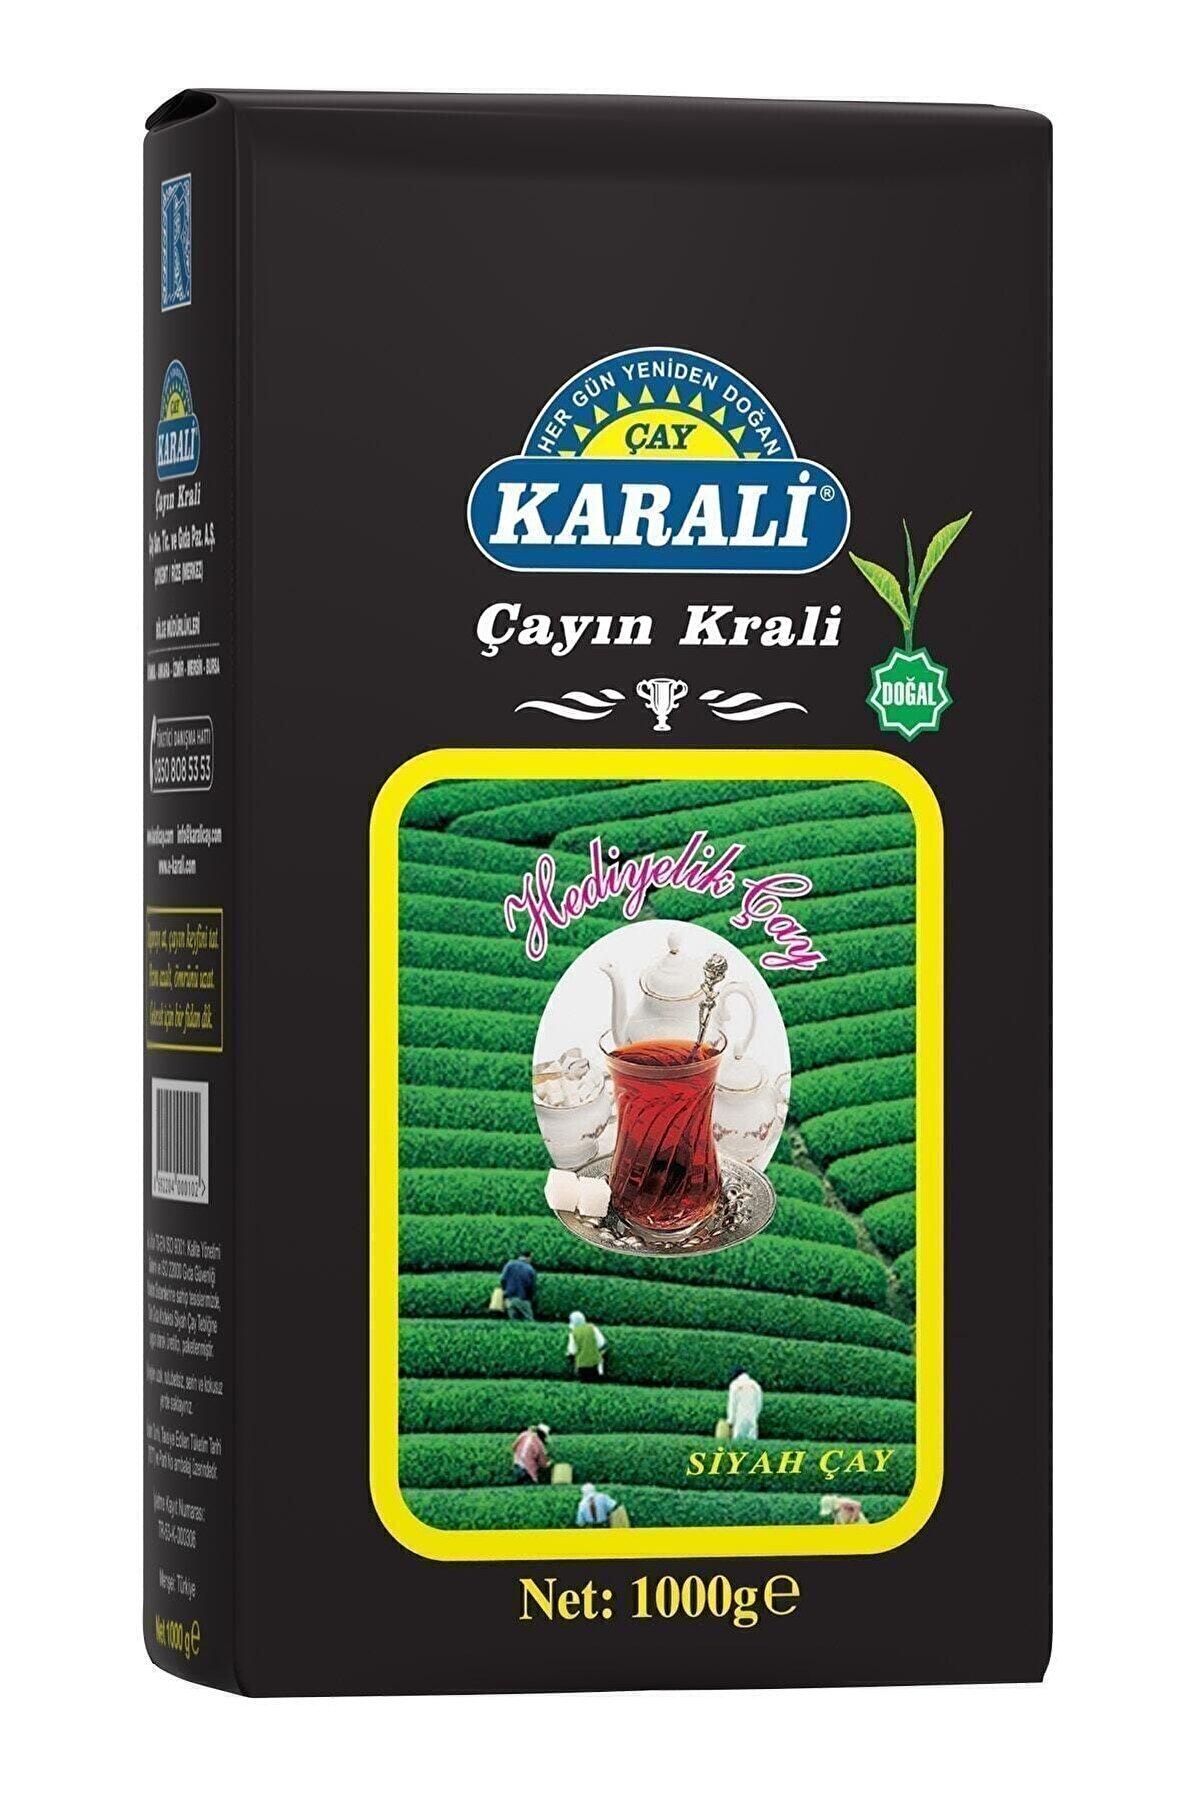 Karali Çay Karali Hediyelik Dökme Çay 1 Kg Adet Kampanyalı